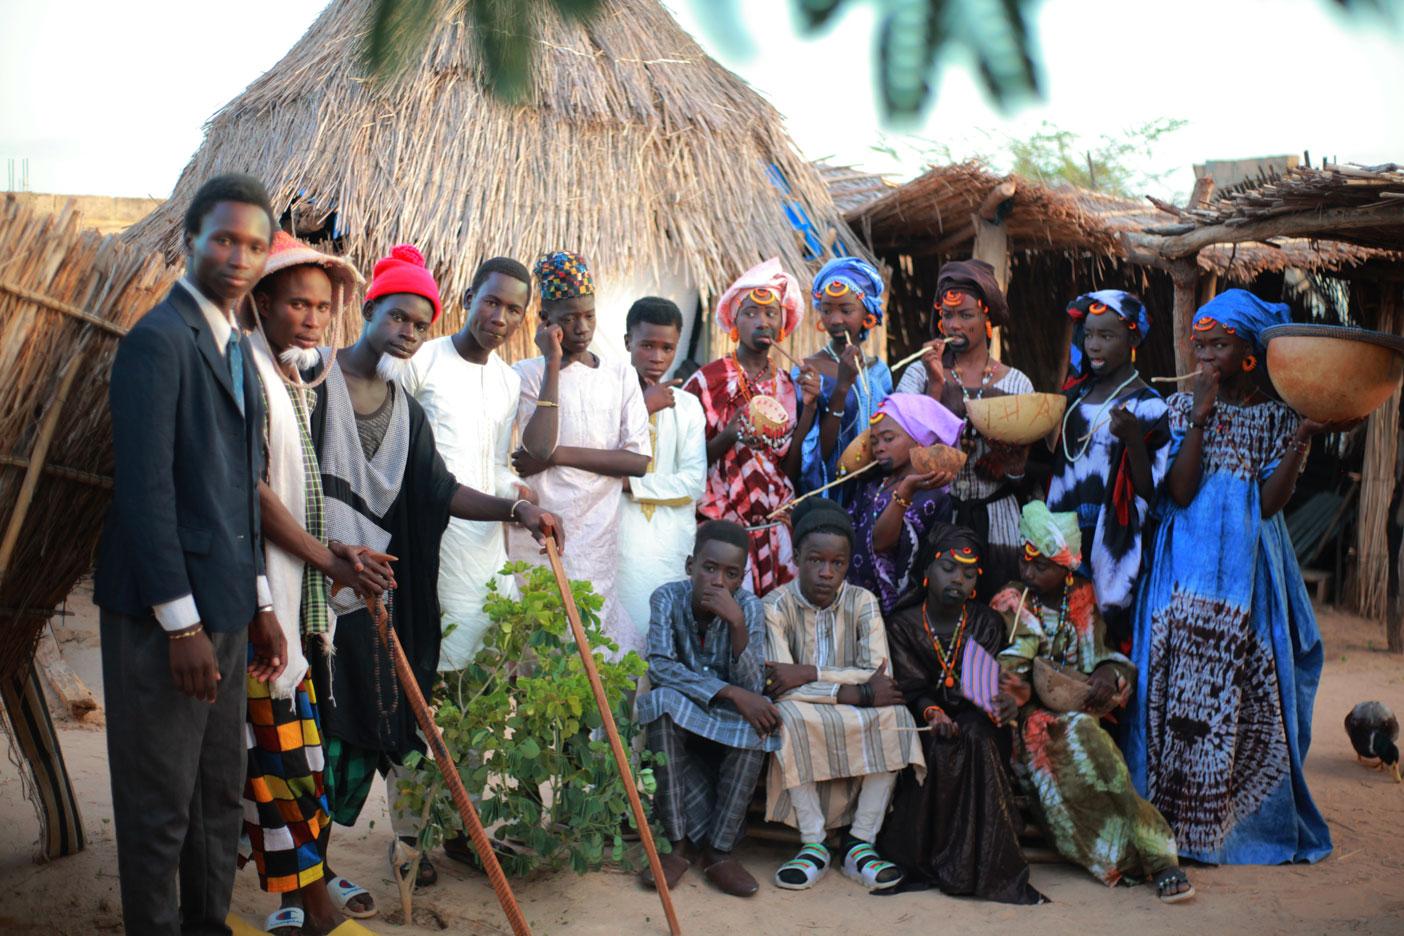 Young african actors senegal serie cinematique - Serie Yama dans Dellu Cosan - Culture et tradition africaine